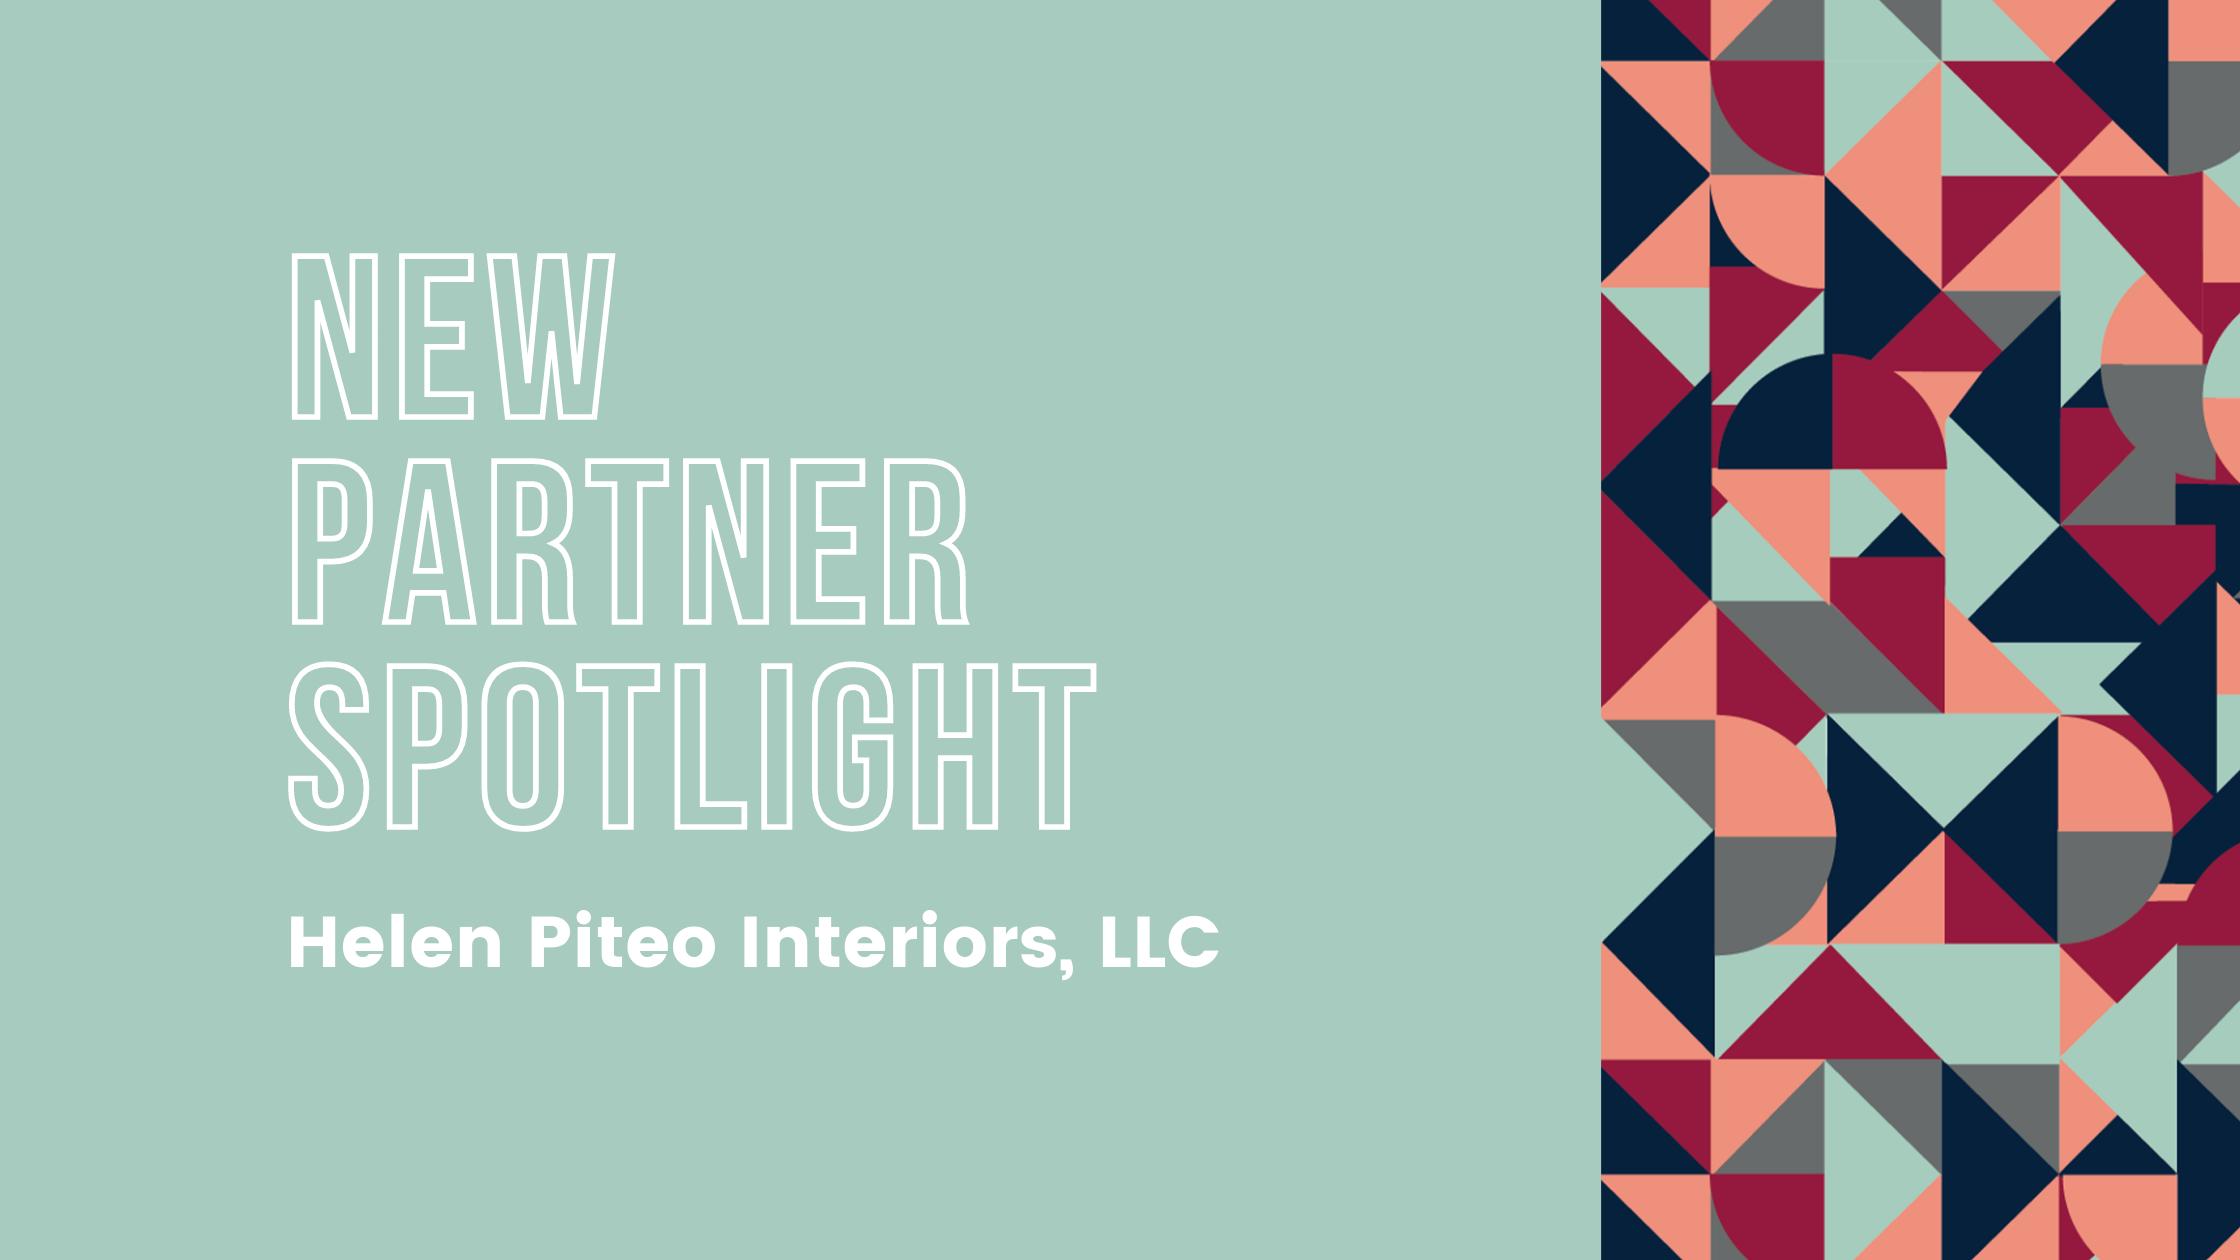 New Partner Spotlight: Helen Piteo Interiors